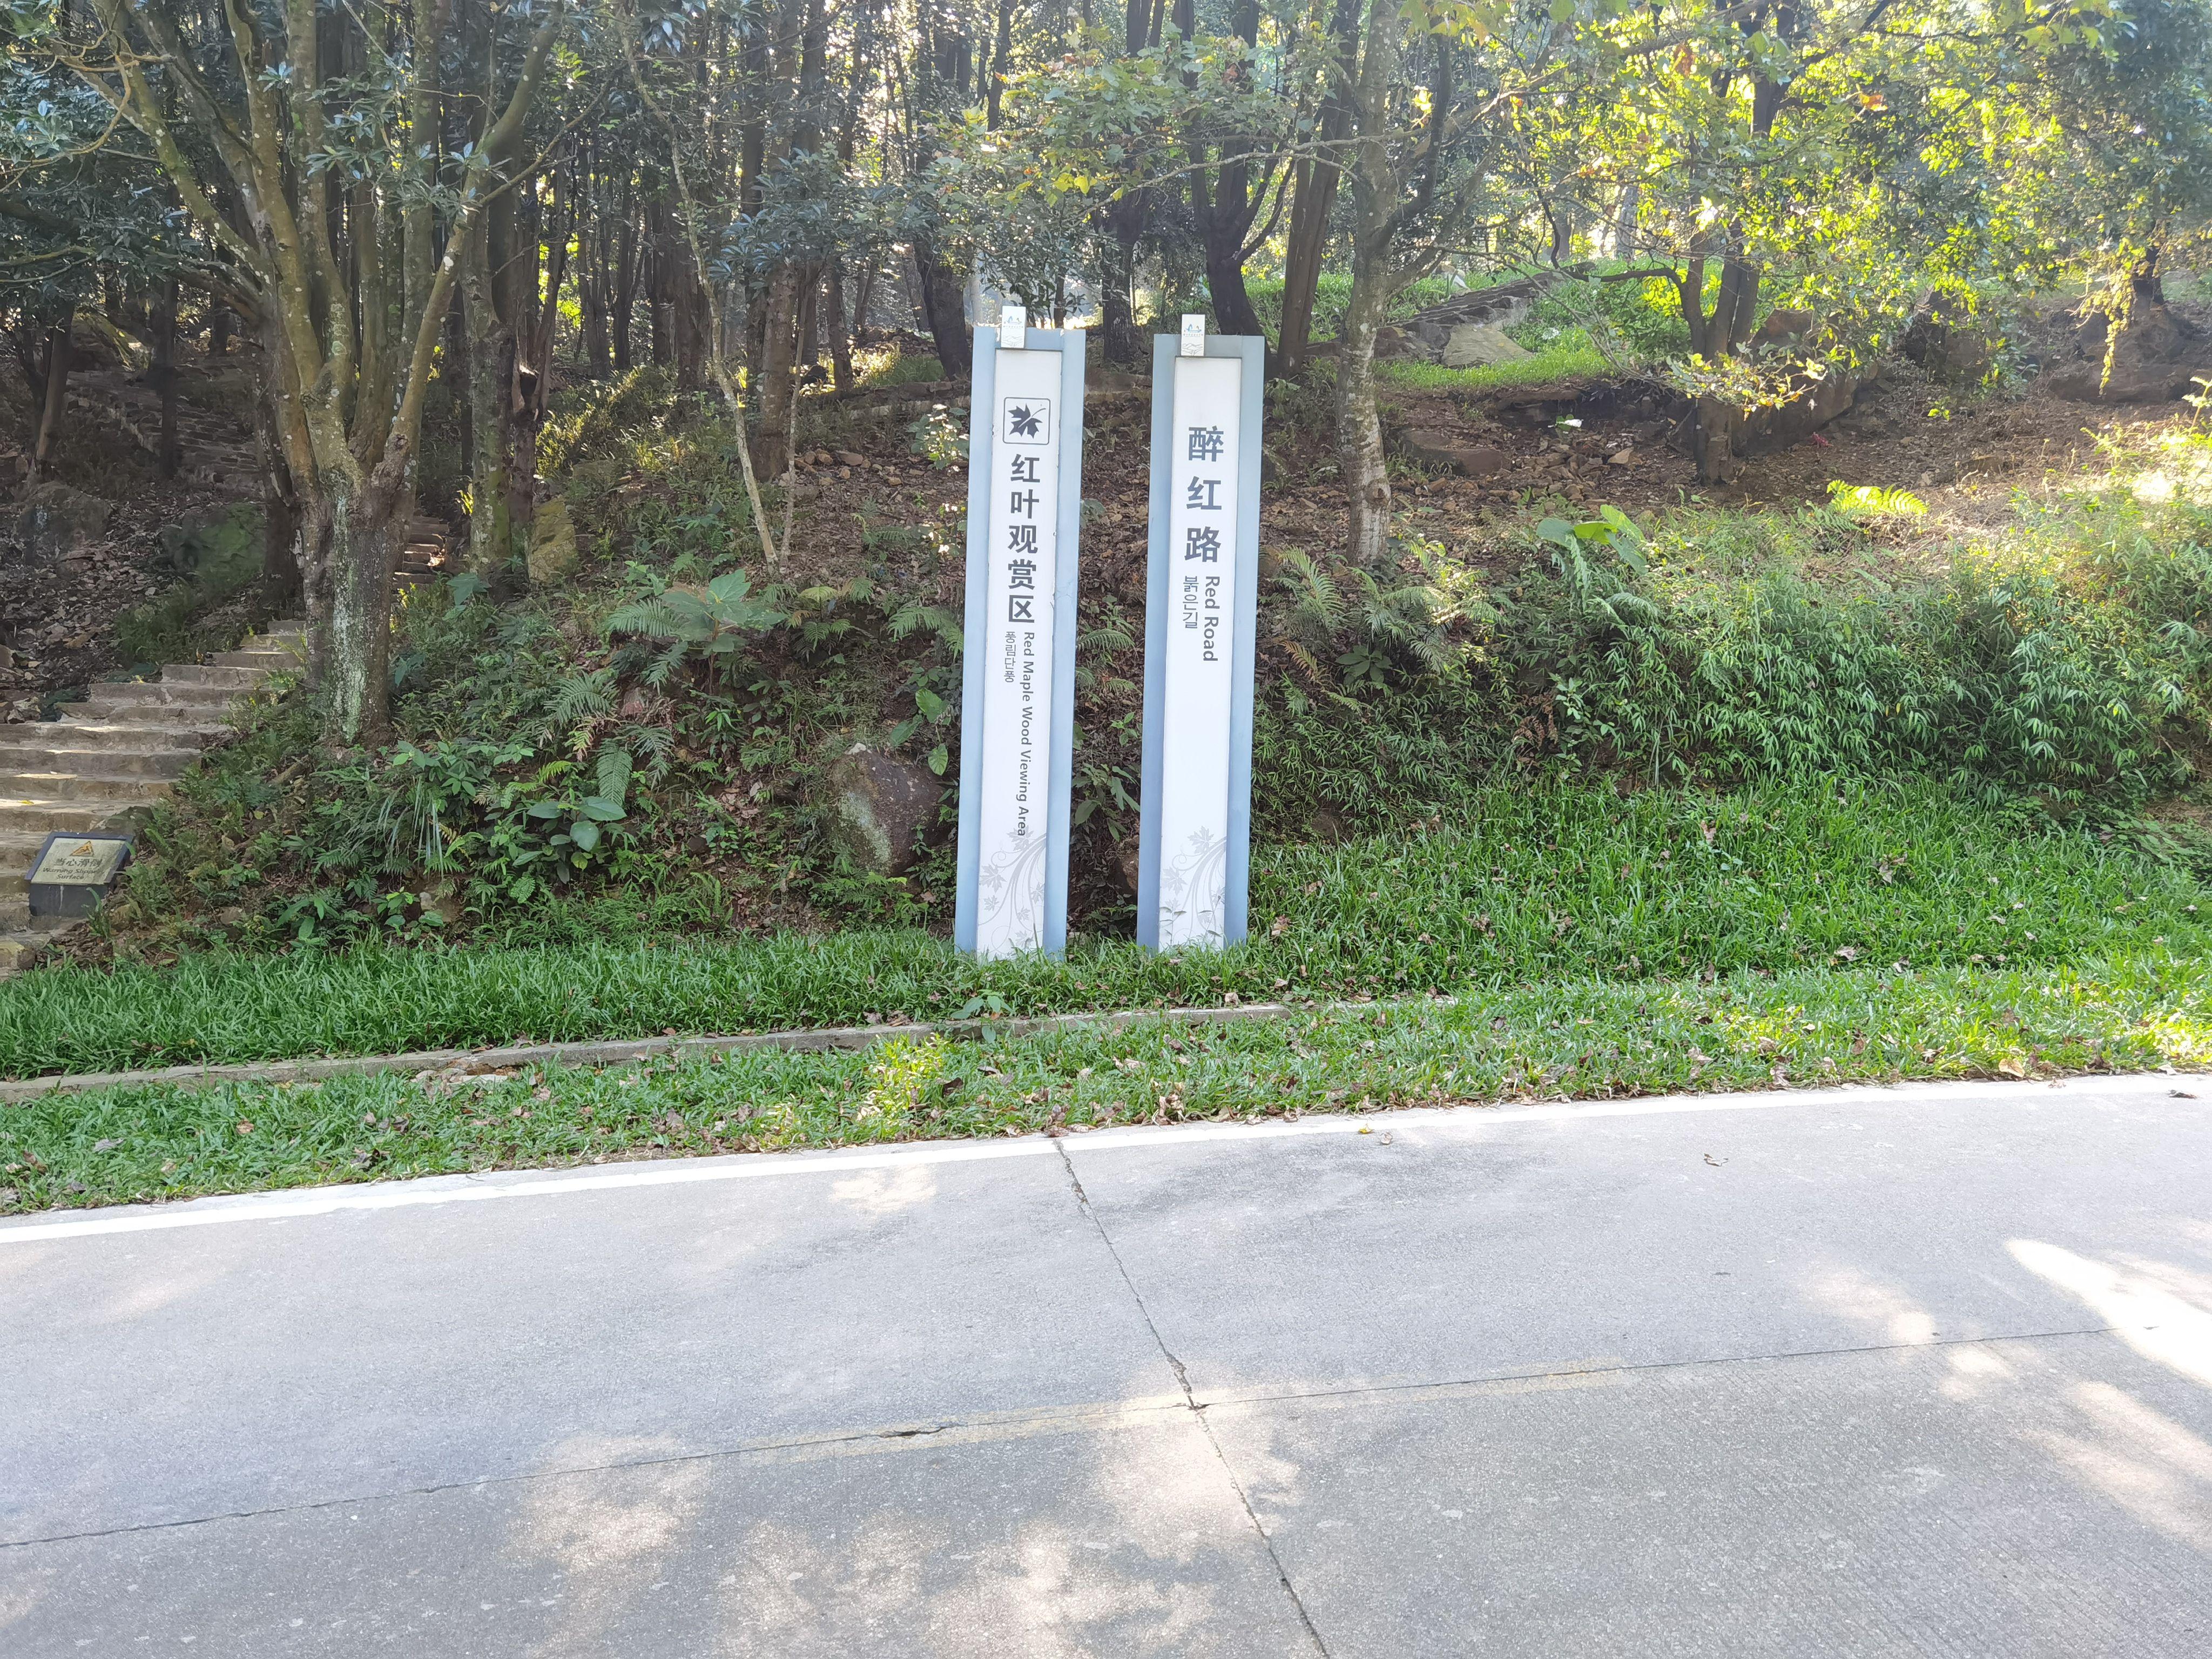 2日游广东惠州市龙门县南昆山国家森林公园,石门国家森林公园主峰天堂